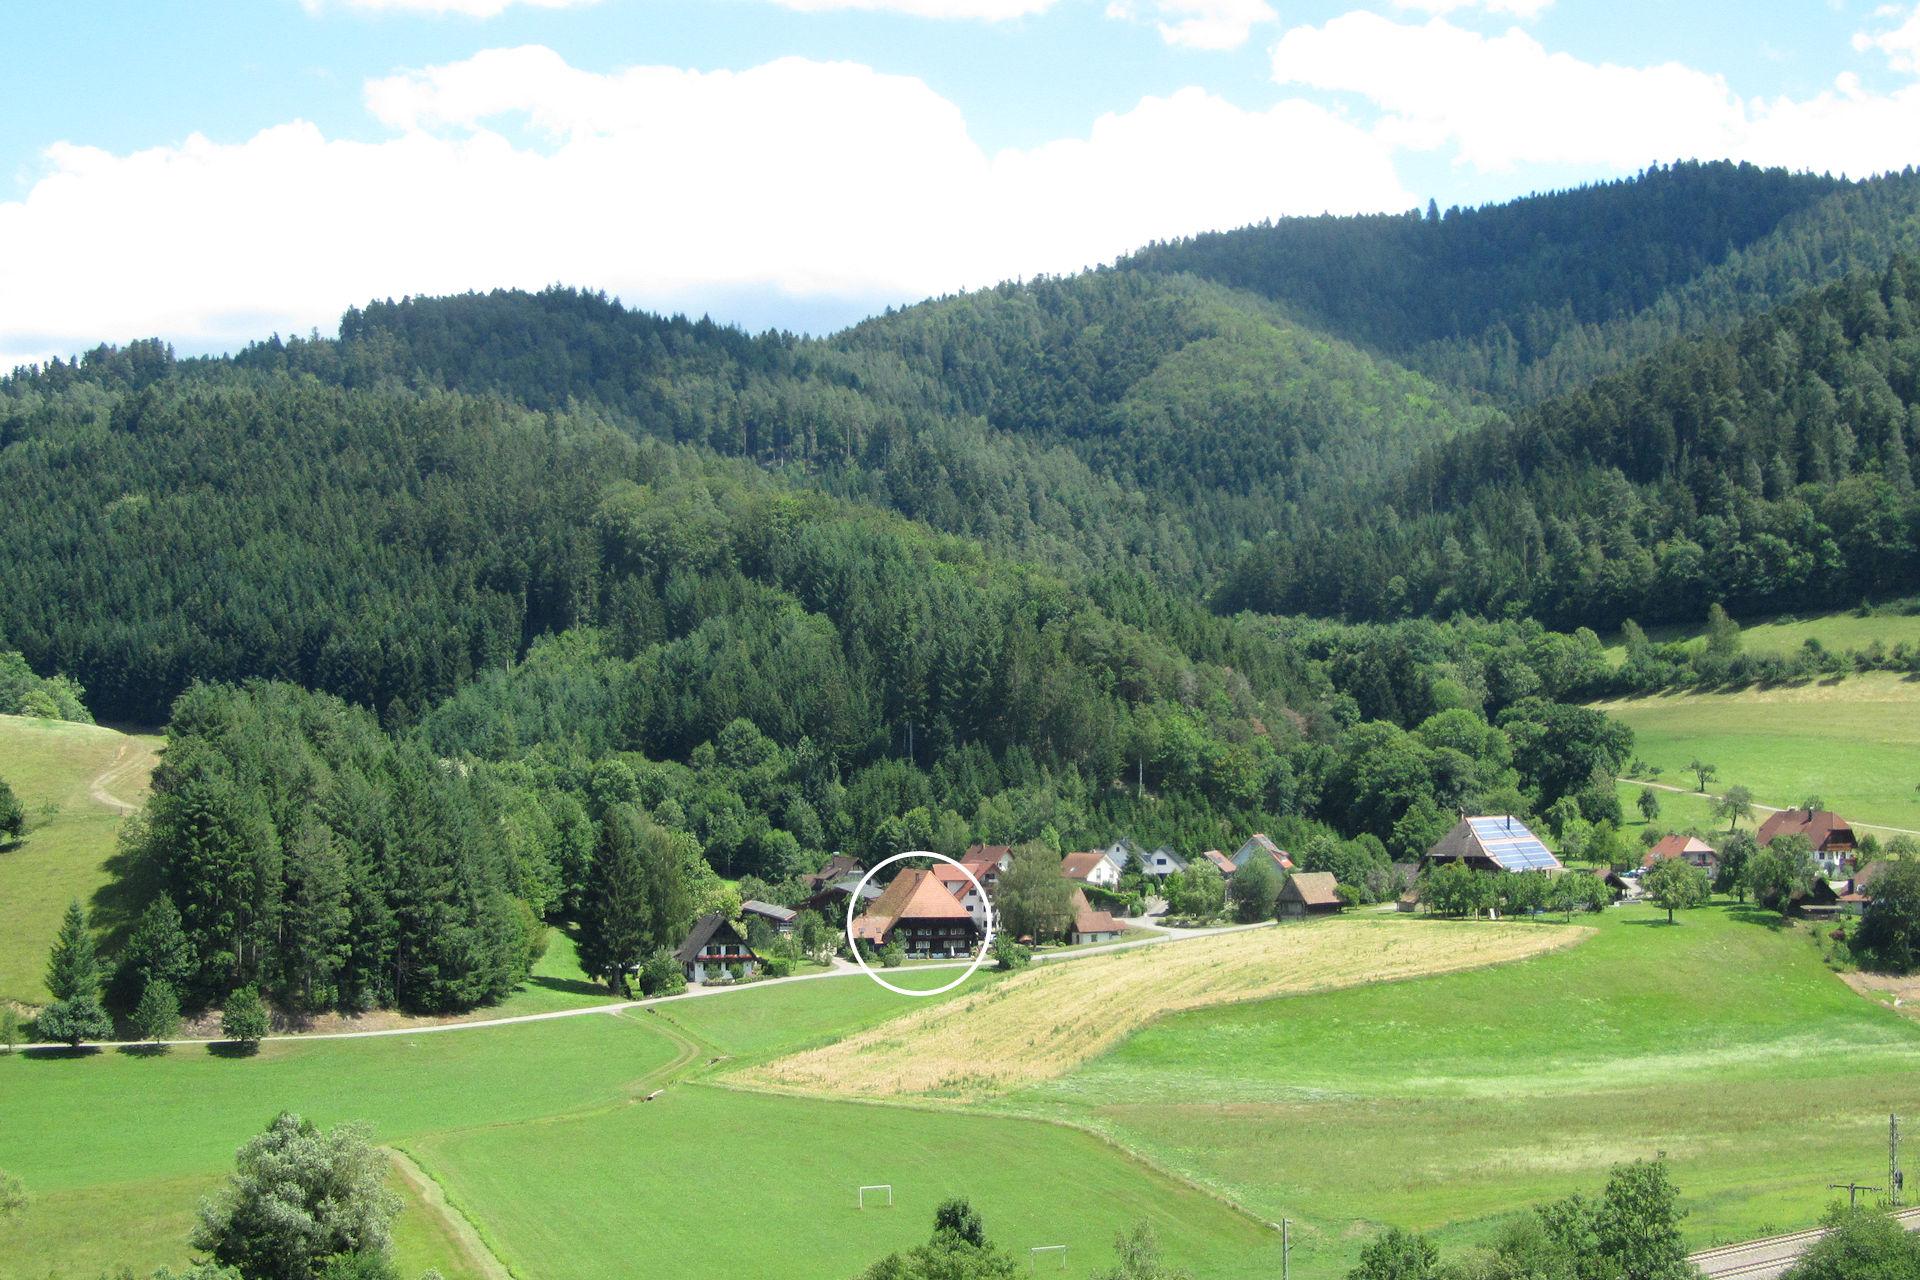 Rommelehof